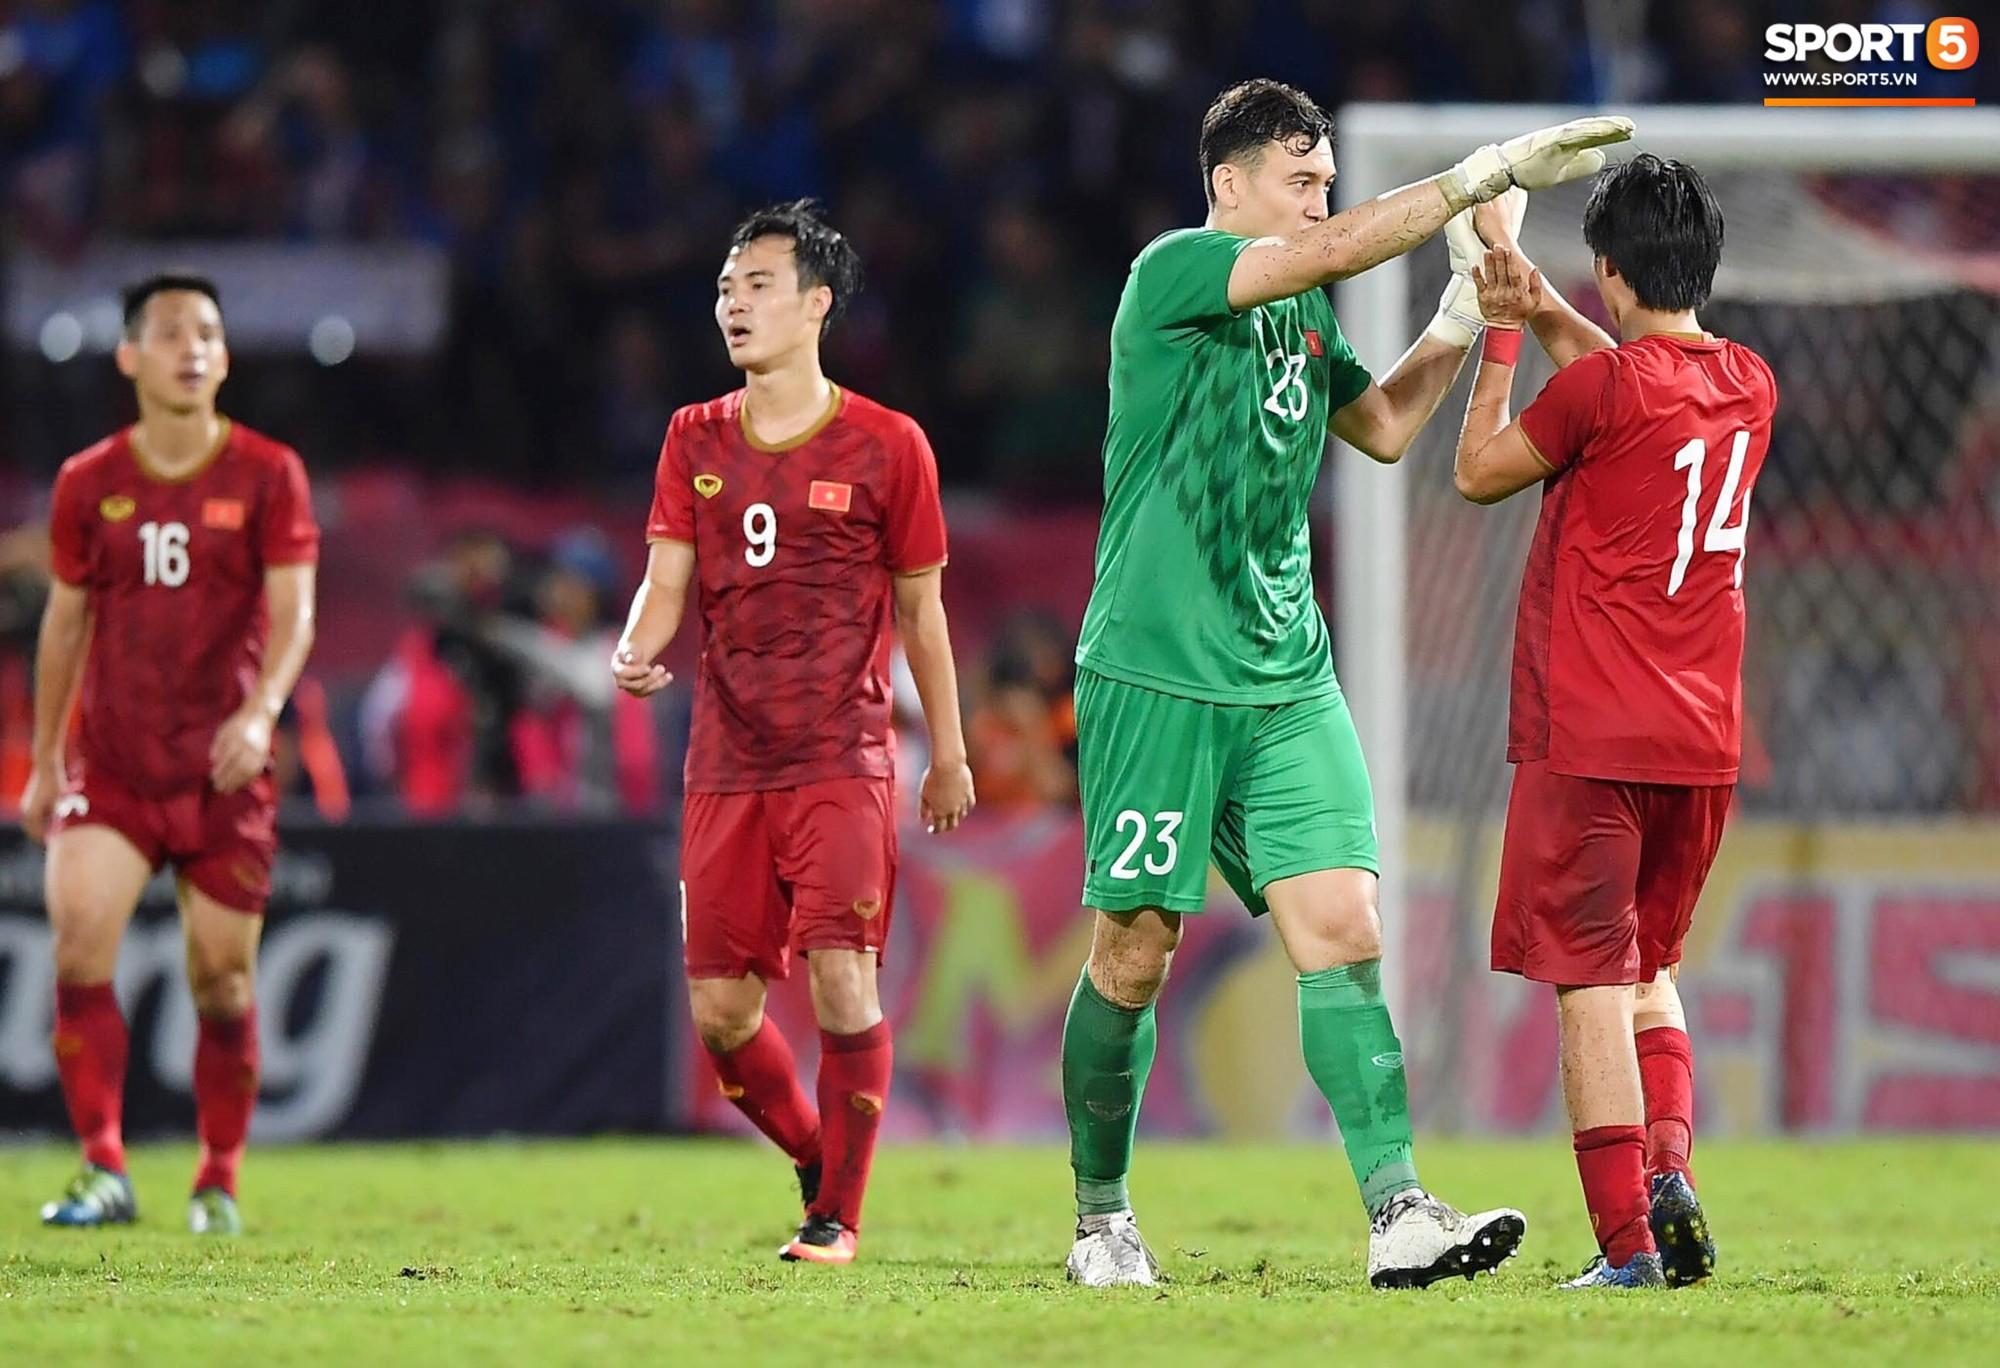 VZN News: Không phải thần may mắn, đây mới là người giúp Việt Nam có 1 điểm quý giá trước Thái Lan tại Vòng loại World Cup 2022 - Ảnh 10.